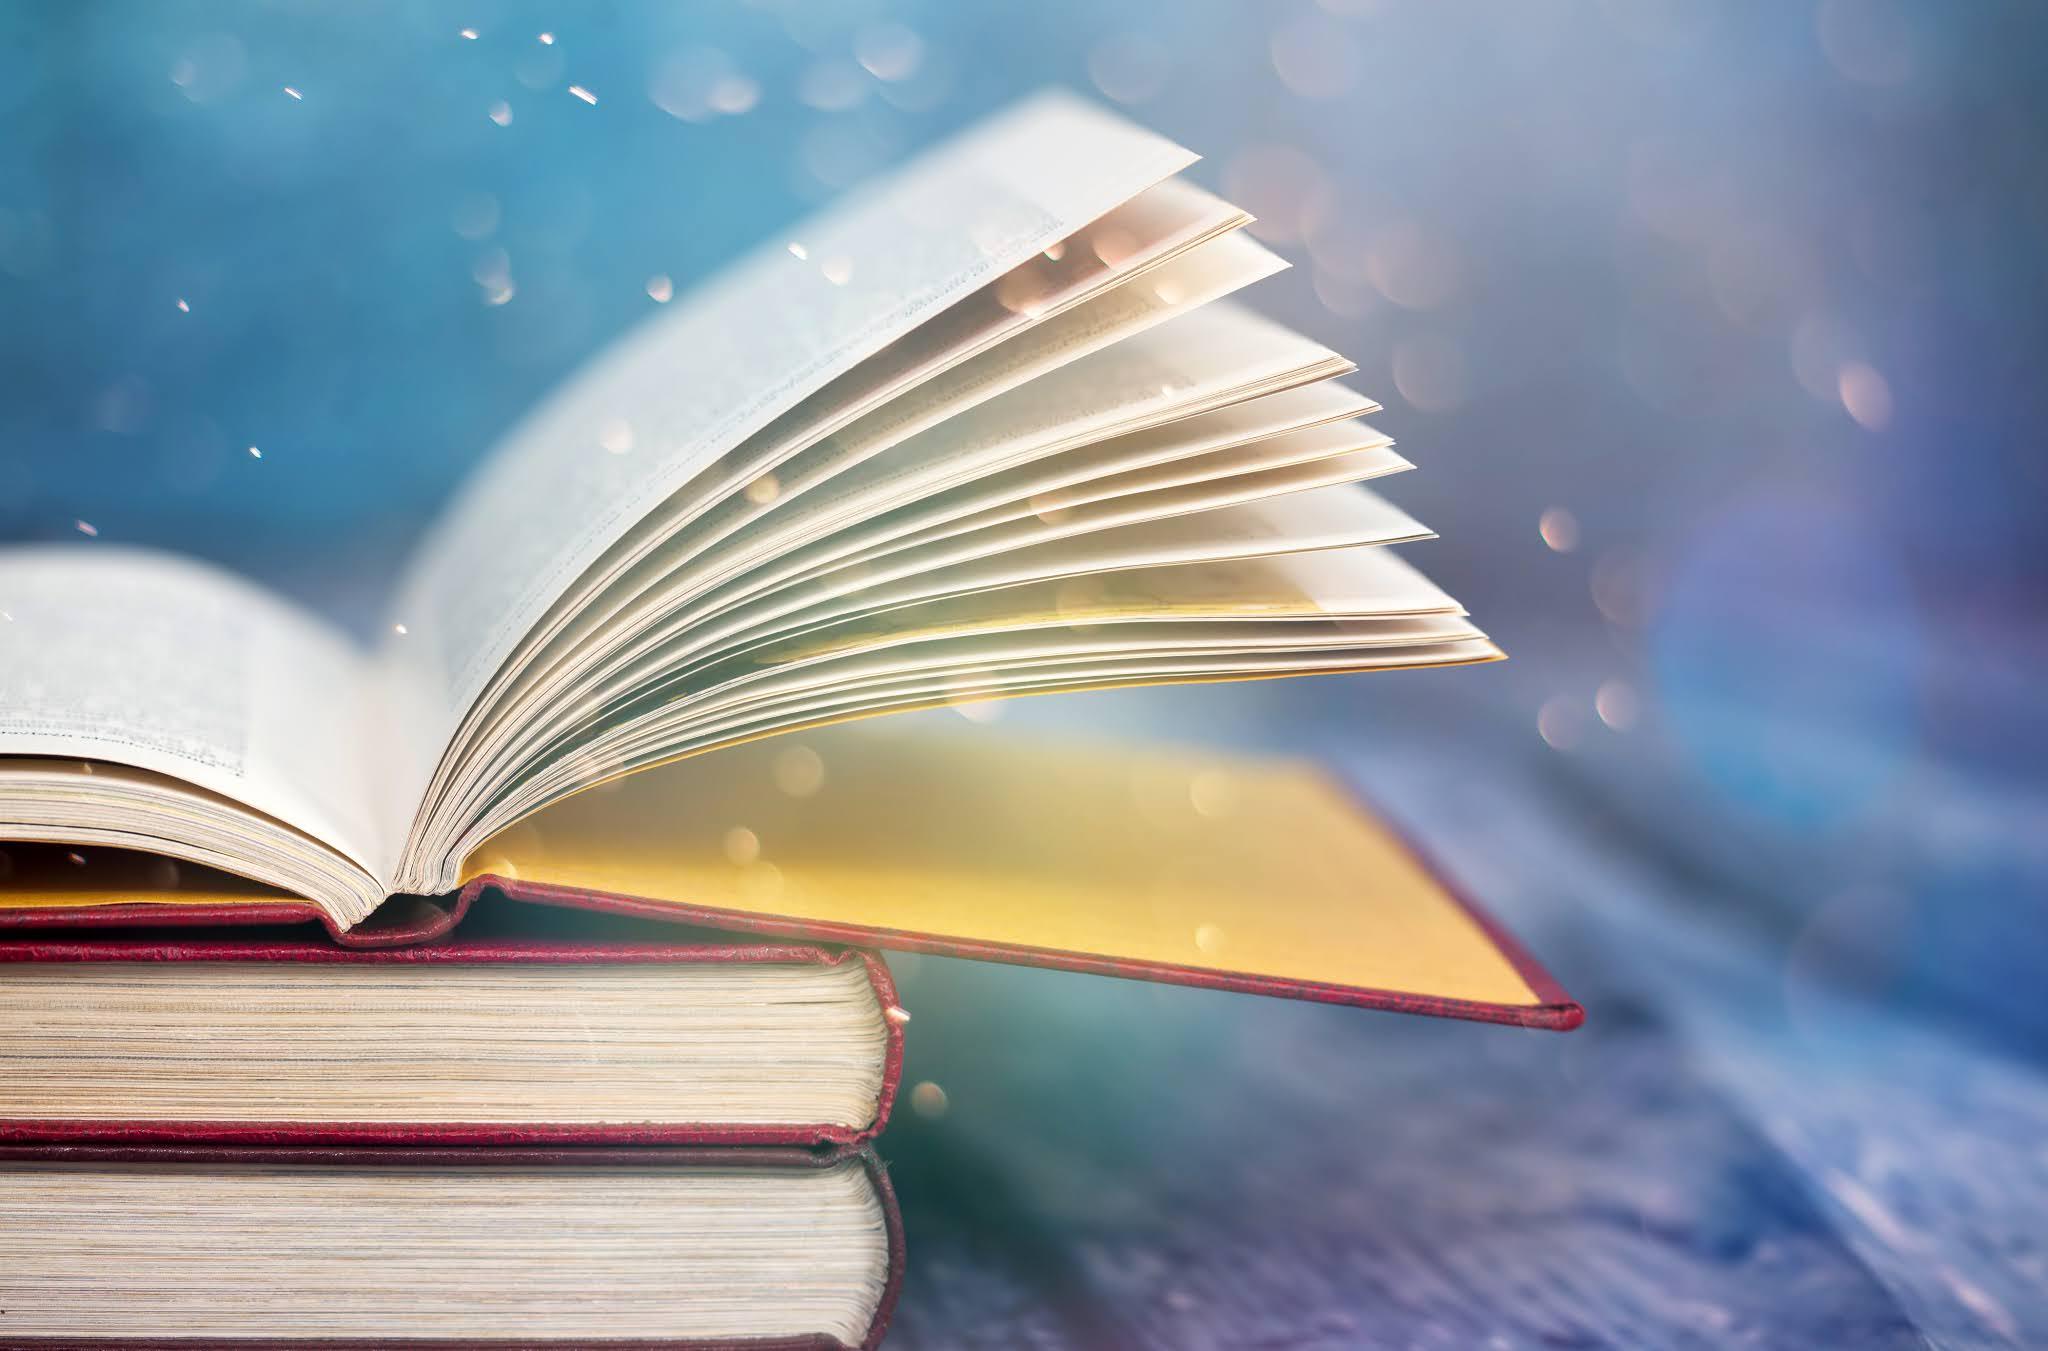 معرض القاهرة الدولي للكتاب يكشف النقاب عن إصدارات تريندز Trends الجديدة